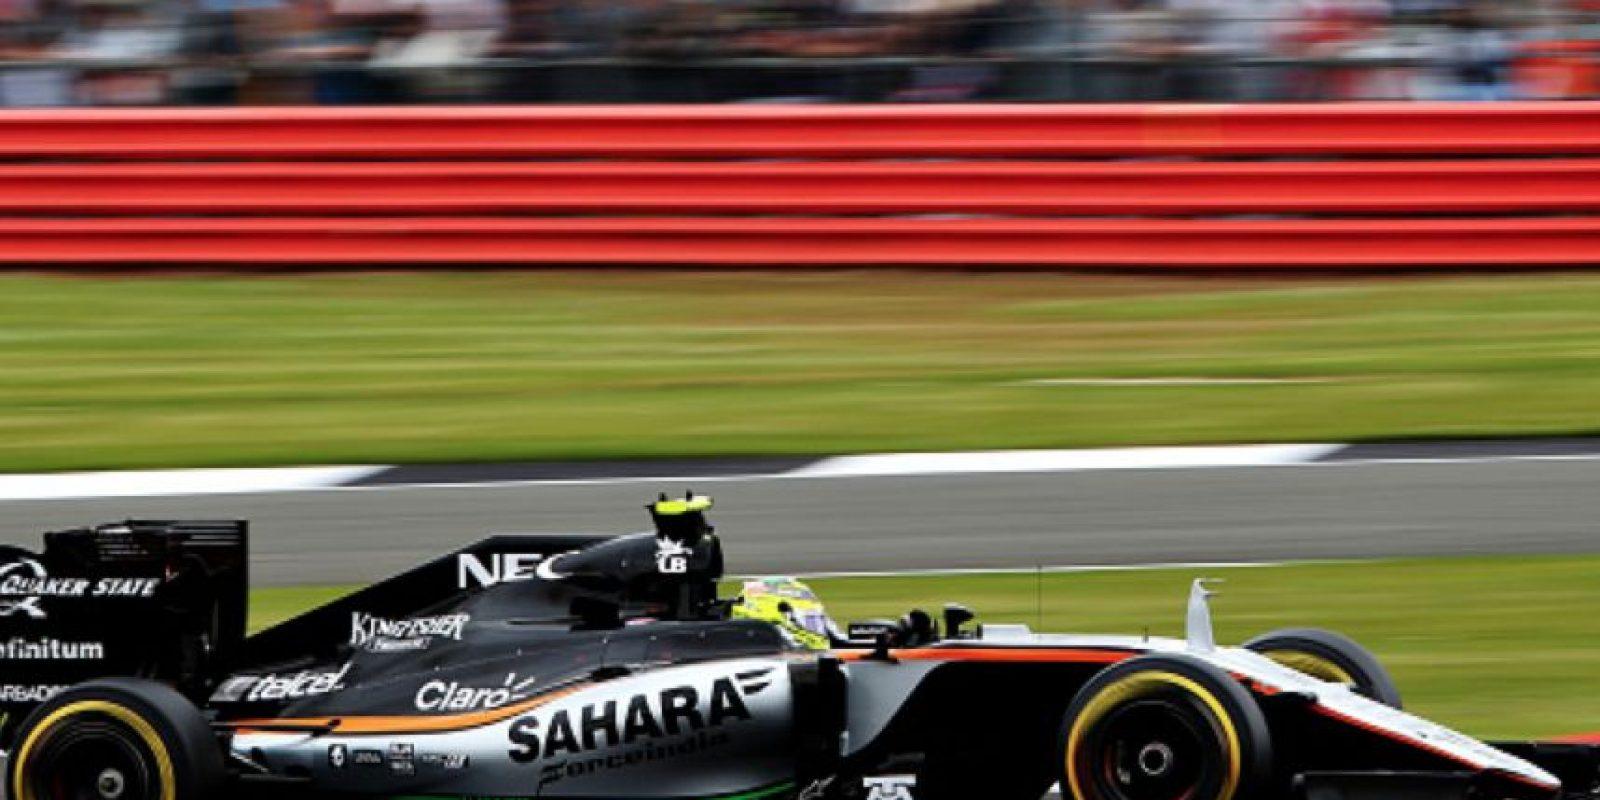 El Force India de Sergio Pérez durante las primeras vueltas en Silverstone. Foto:Getty Images